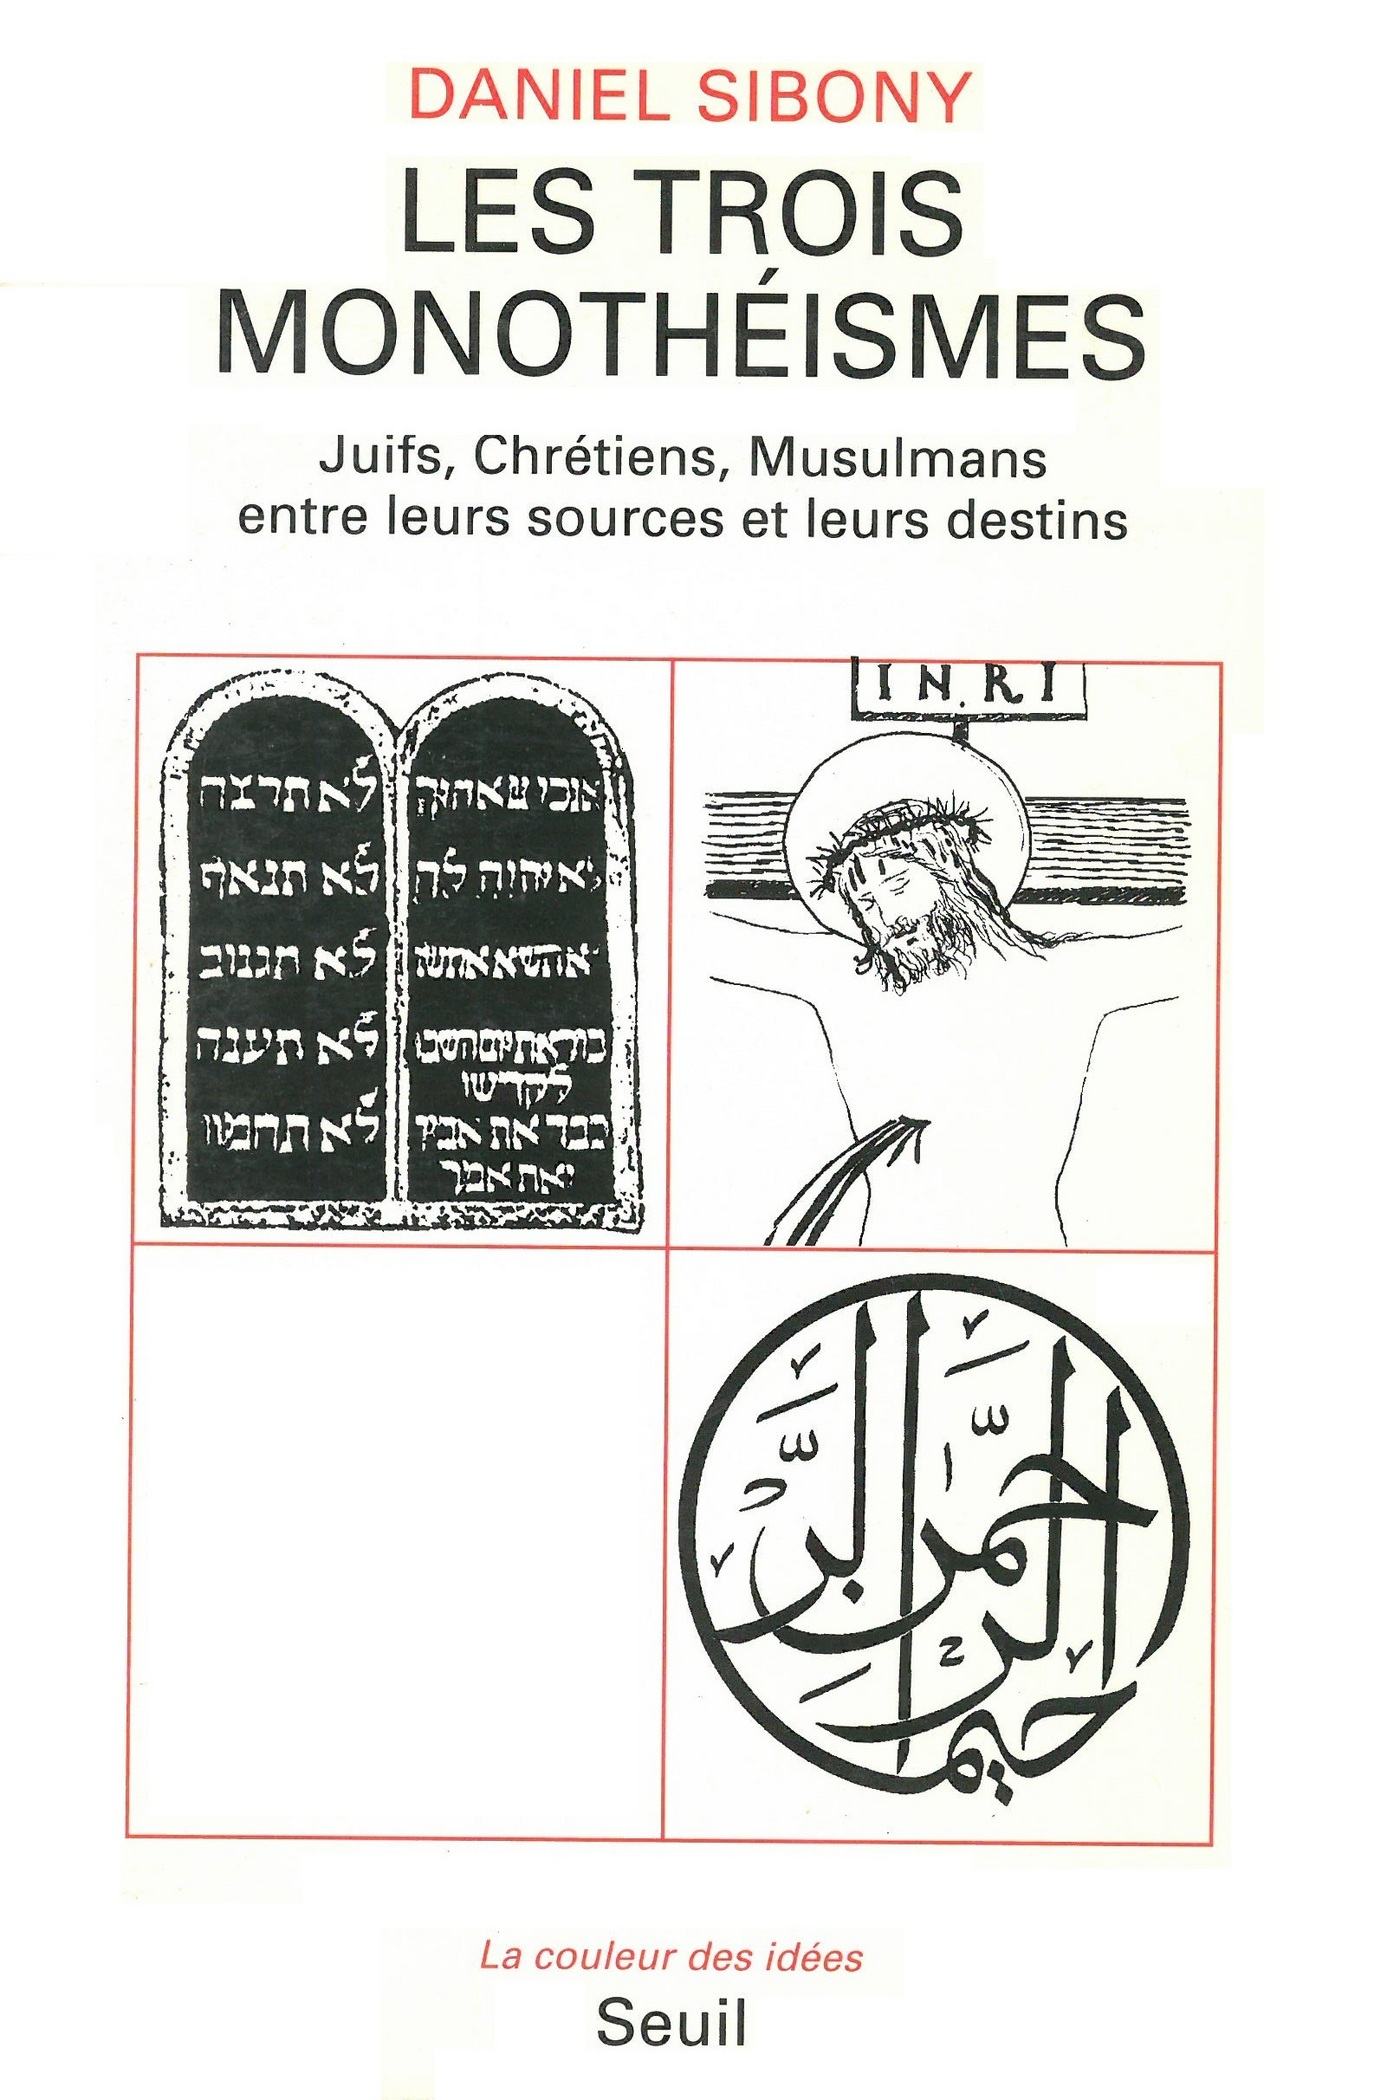 Les Trois Monothéismes - Juifs, Chrétiens, Musulmans entre leurs sources et leurs destins